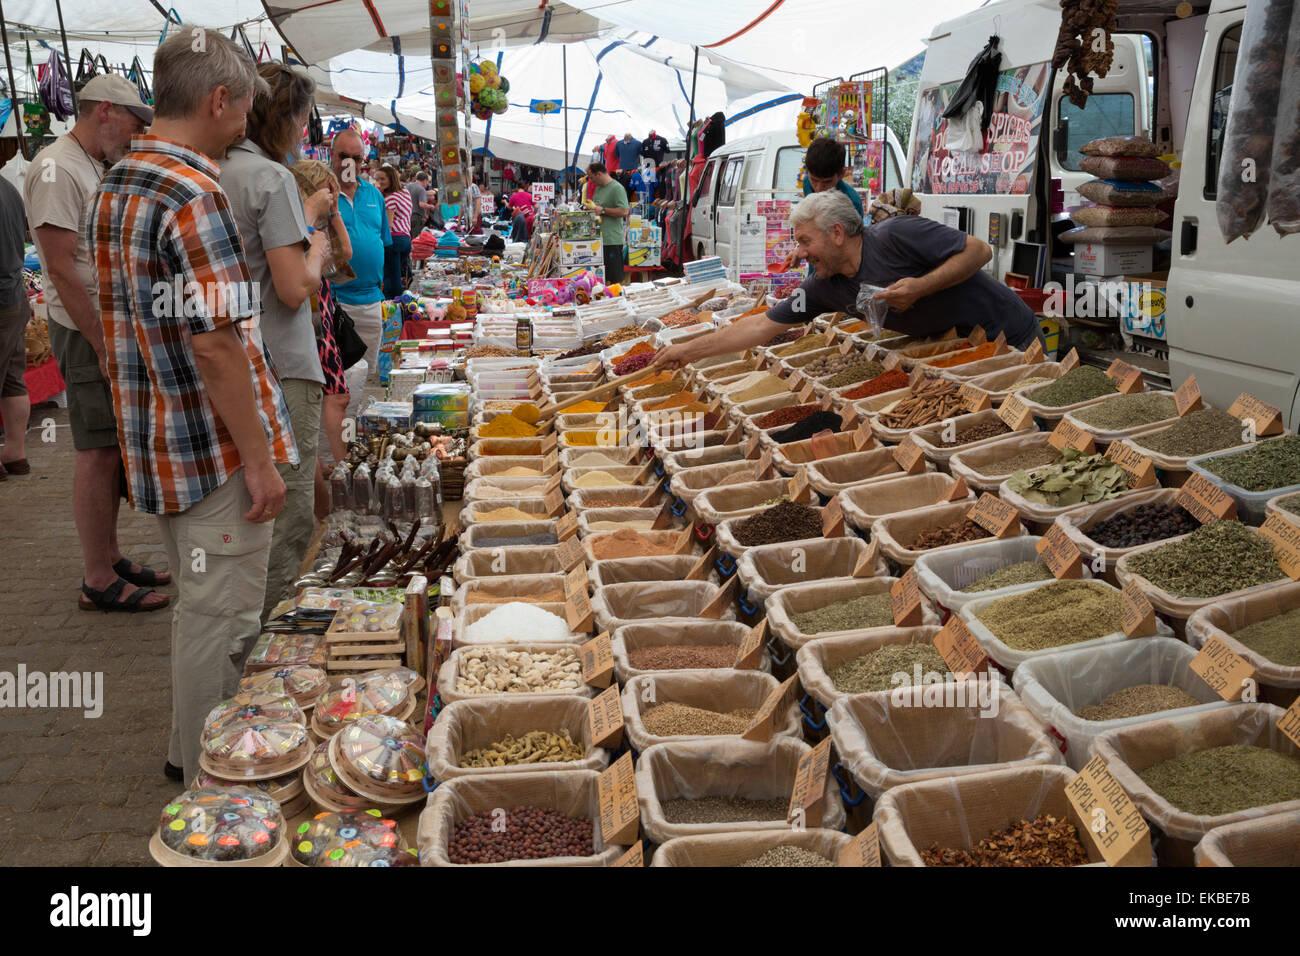 Spice stall at the Thursday Market, Kalkan, Lycia, Antalya Province Coast, Southwest Turkey, Turkey, Asia Minor, - Stock Image